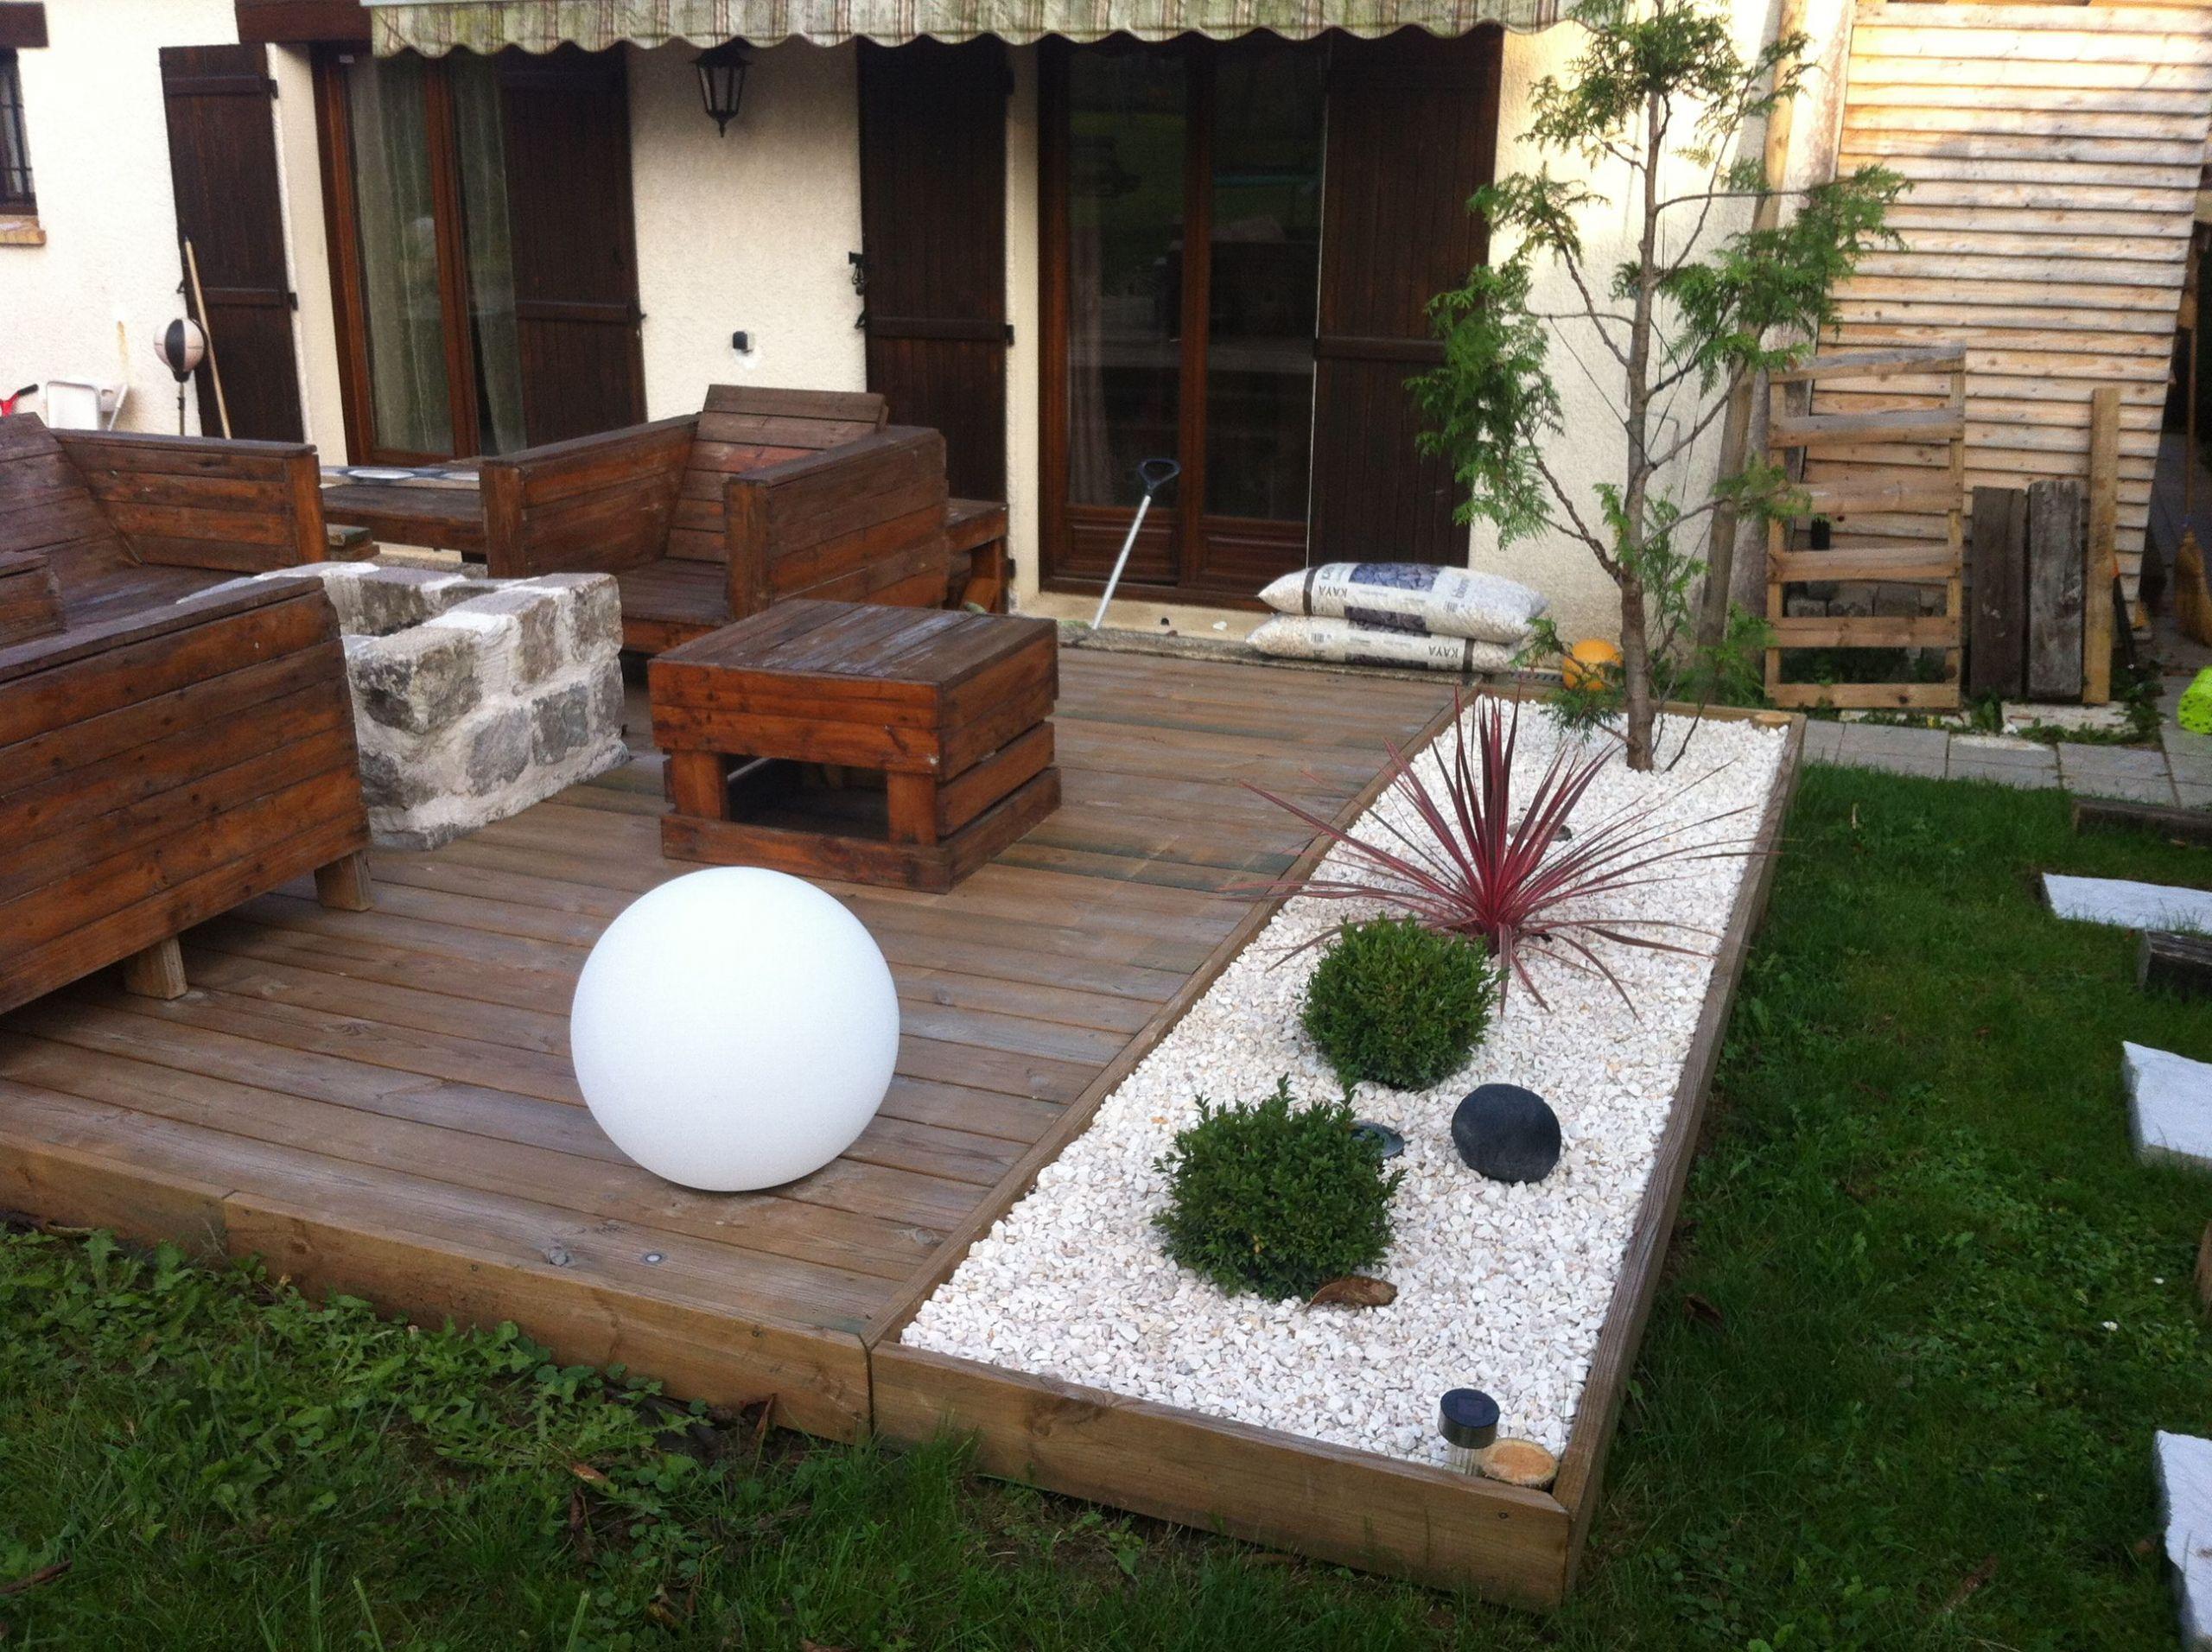 Idée Aménagement Extérieur Aménagement D Une Terrasse ... à Idée D Aménagement De Jardin